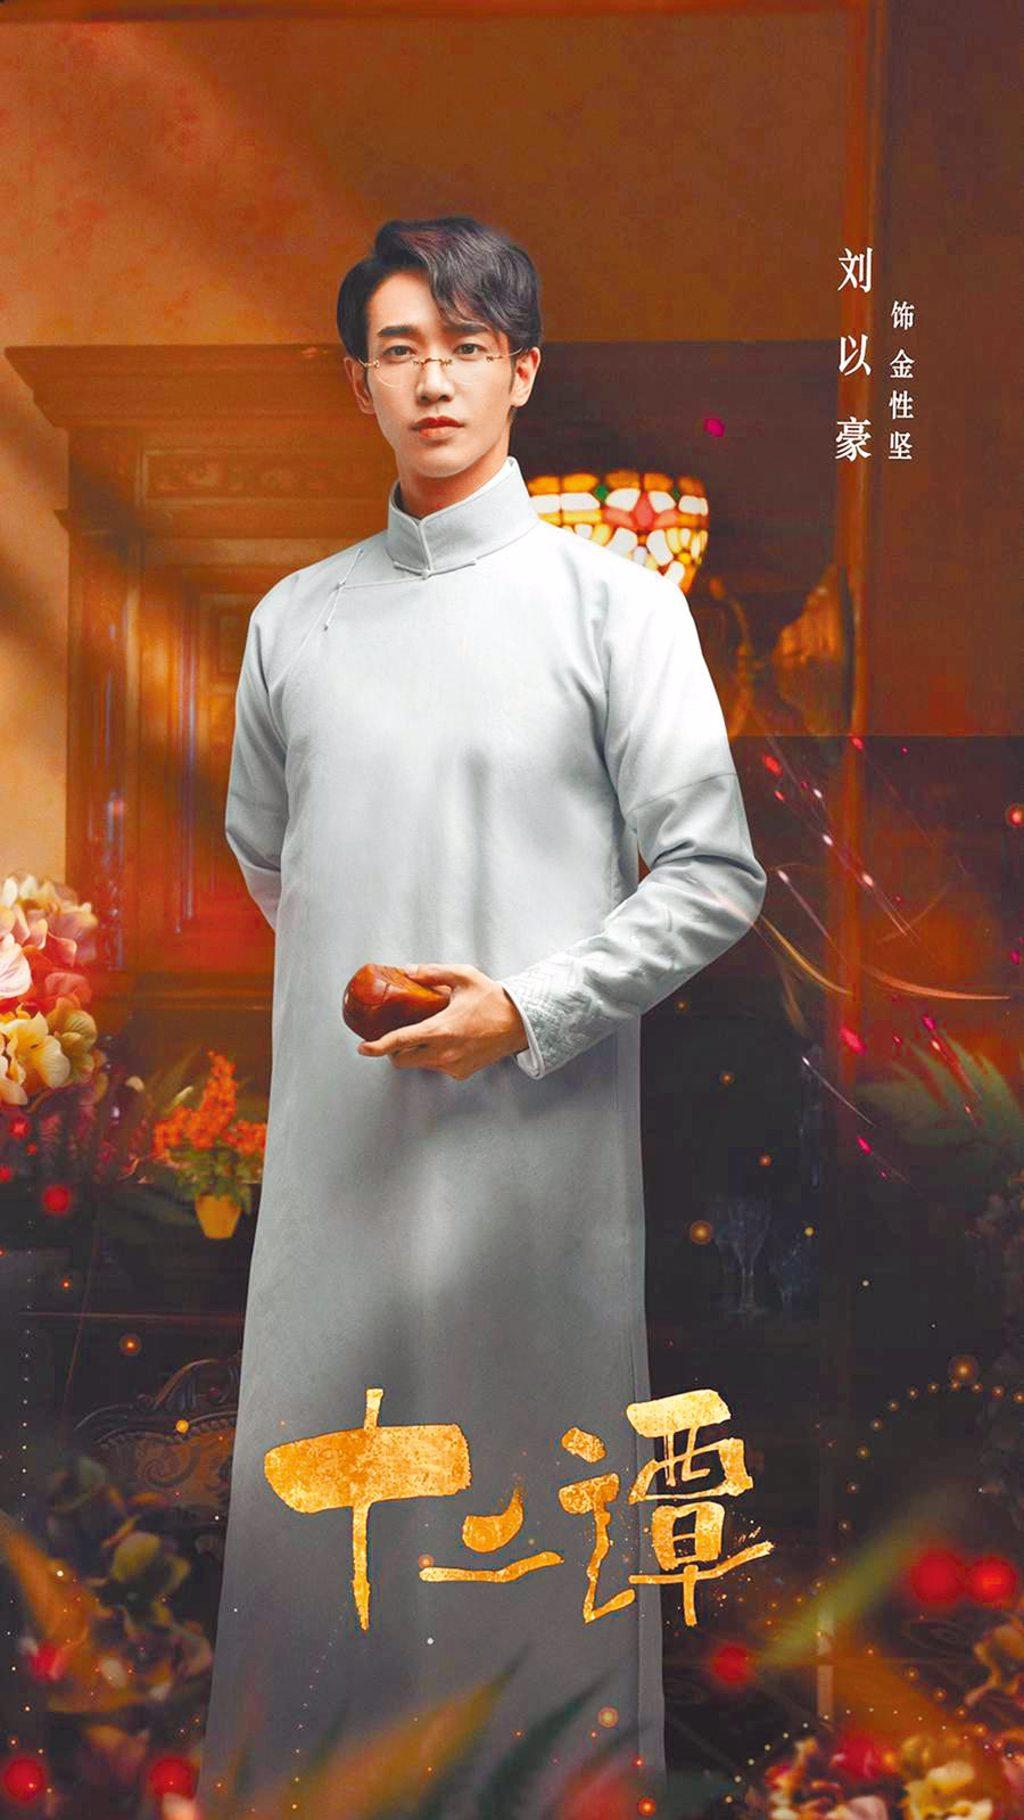 劉以豪在新劇中以長袍馬褂造型入鏡。(經紀公司提供)